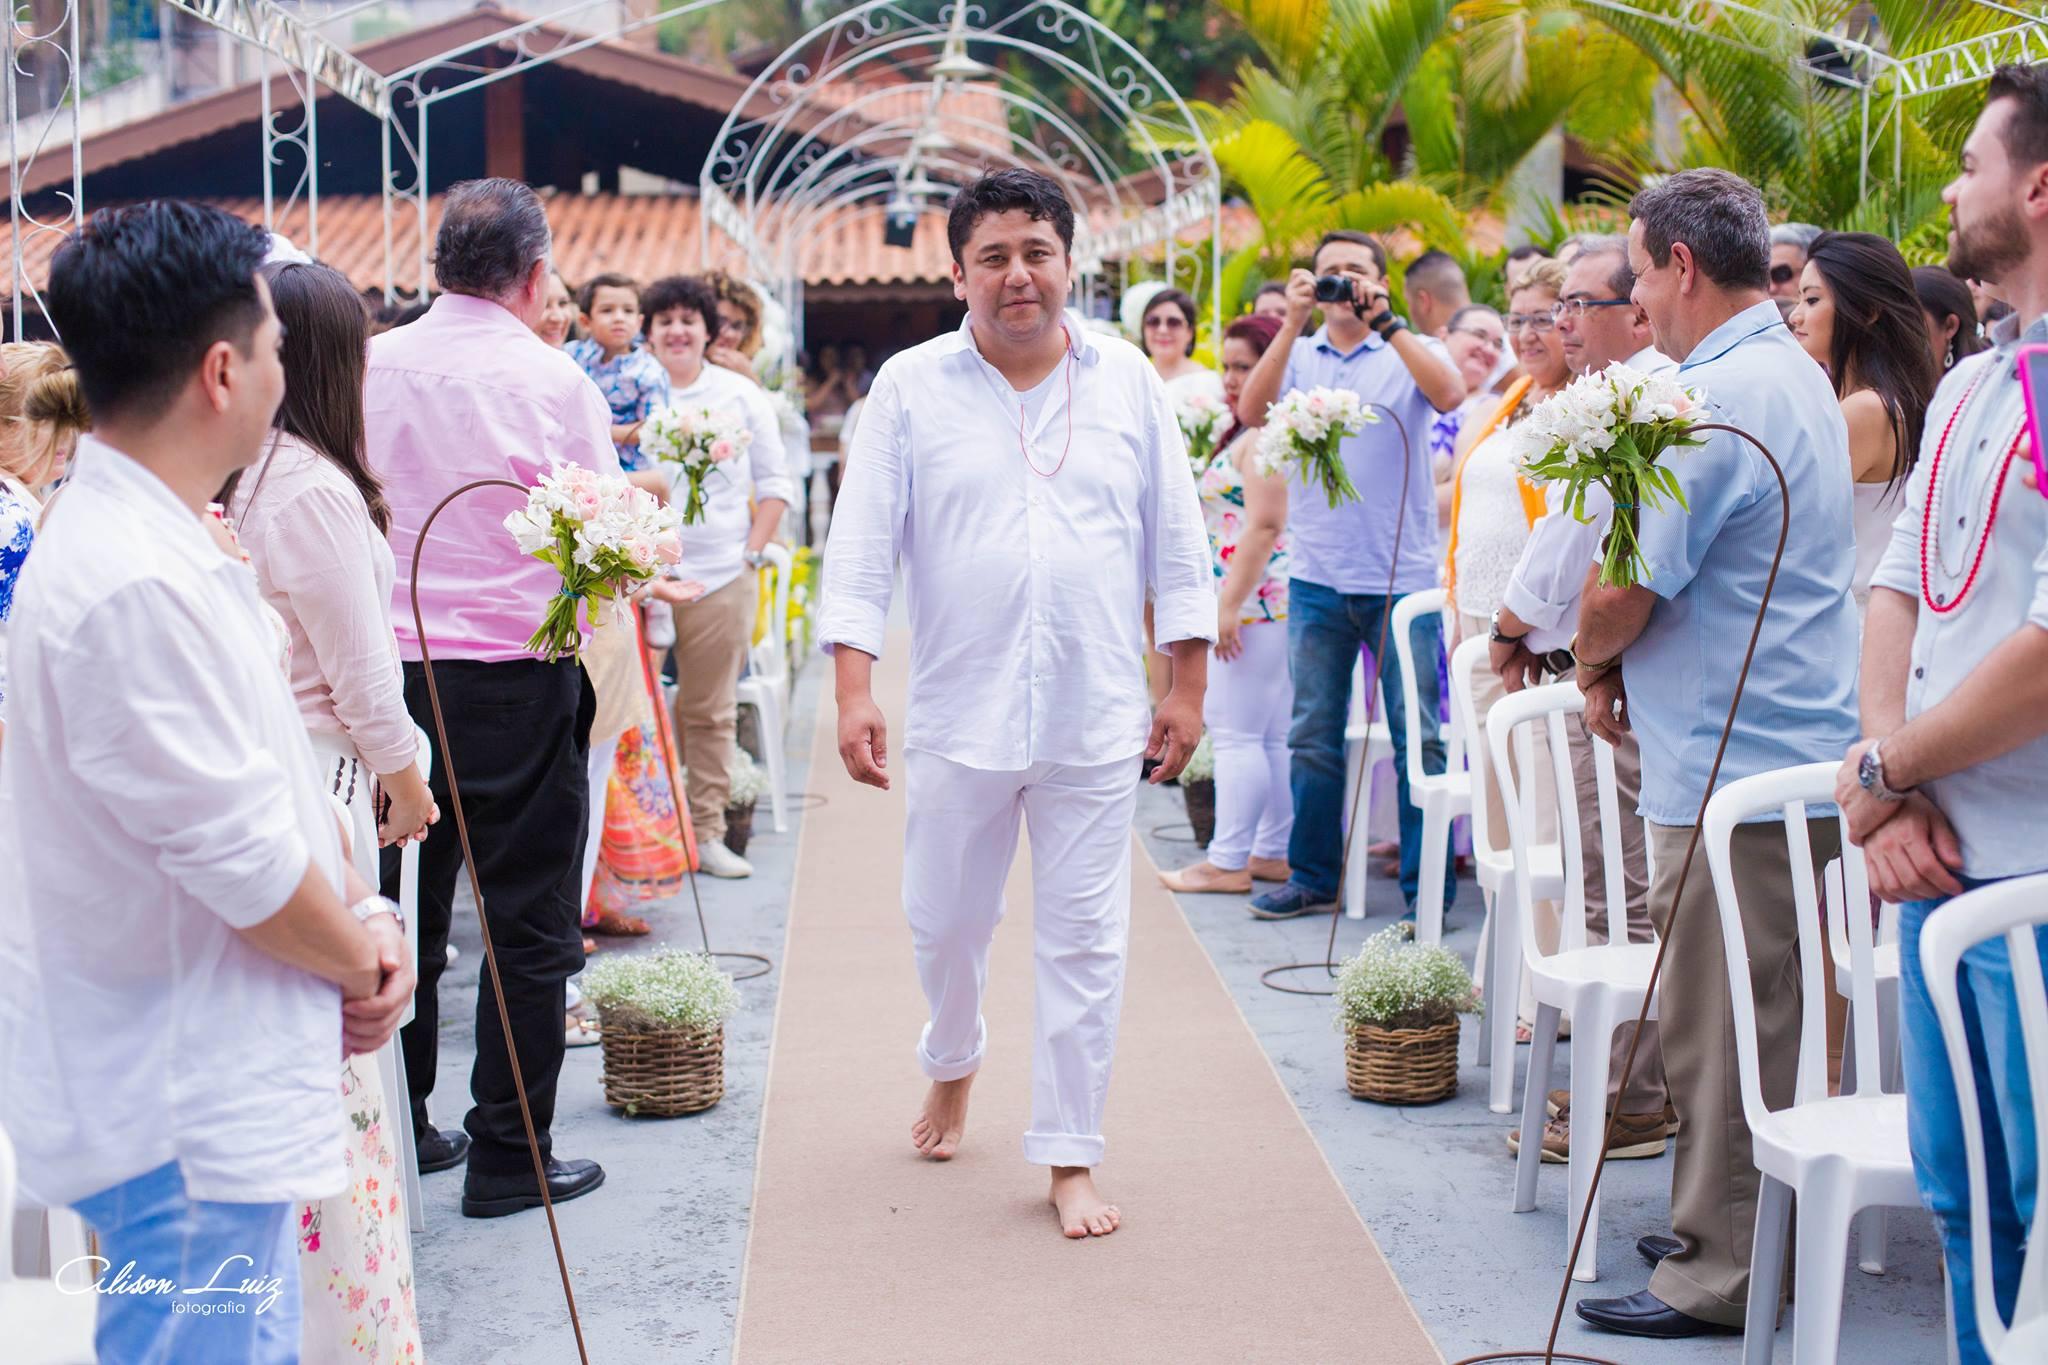 Fotógrafo evangélico registra casamento umbandista e faz lindo relato do que viu 3